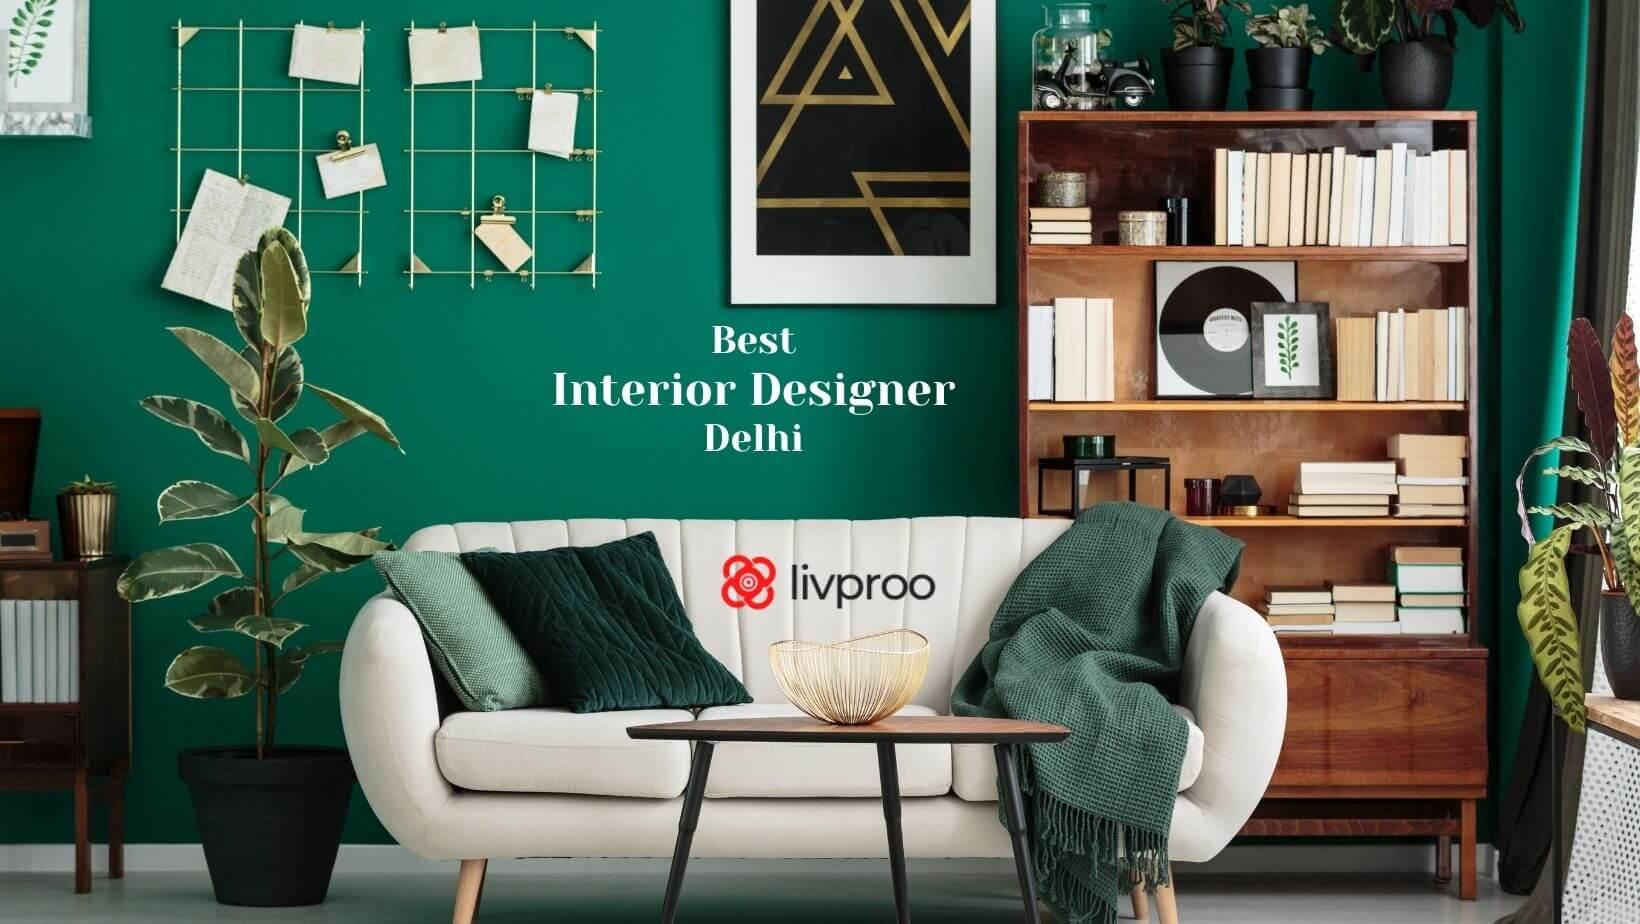 Best Interior Designer in Delhi, Budget Friendly